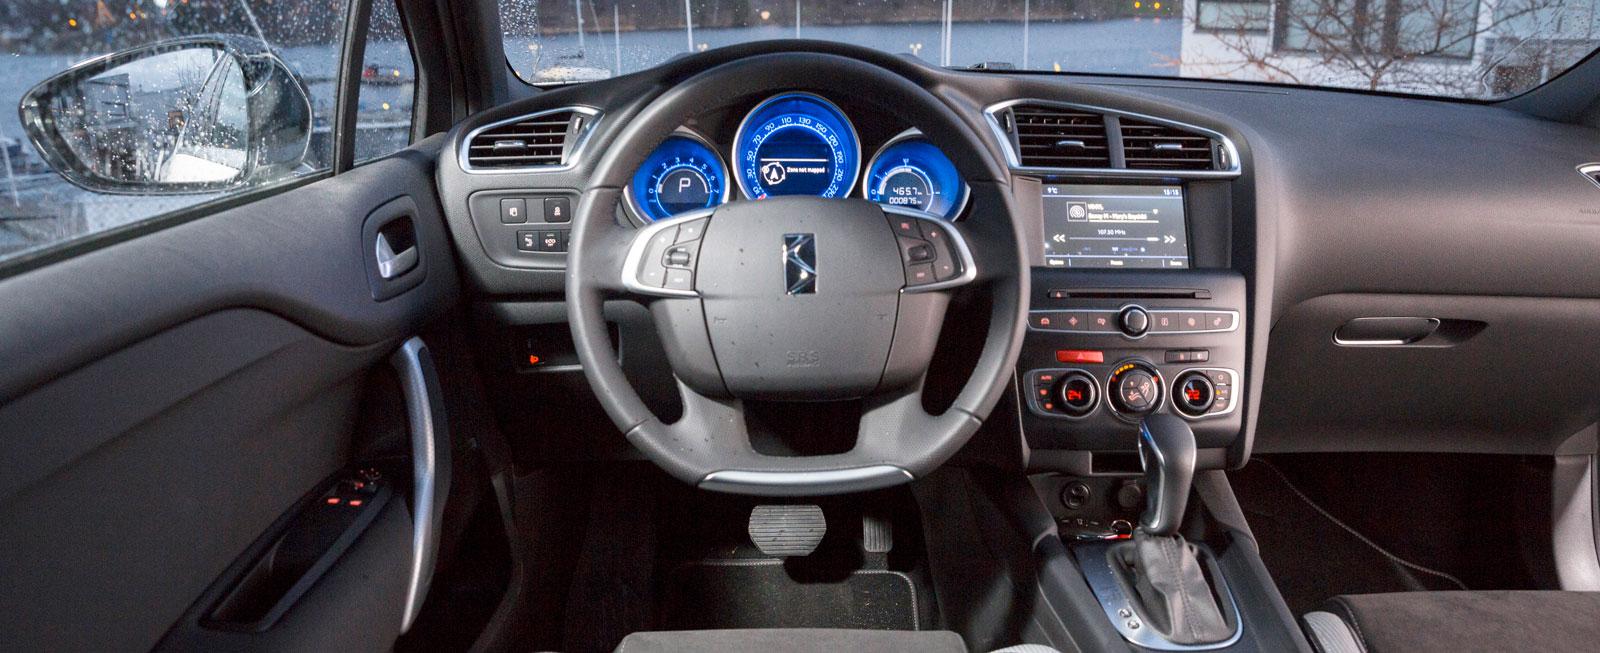 """Jämfört med """"Citroëntiden"""" har instrumentpanelen i DS 4 rensats från vissa knappar, även i ratten. Mestadels enkel skötsel och trivsam finish."""